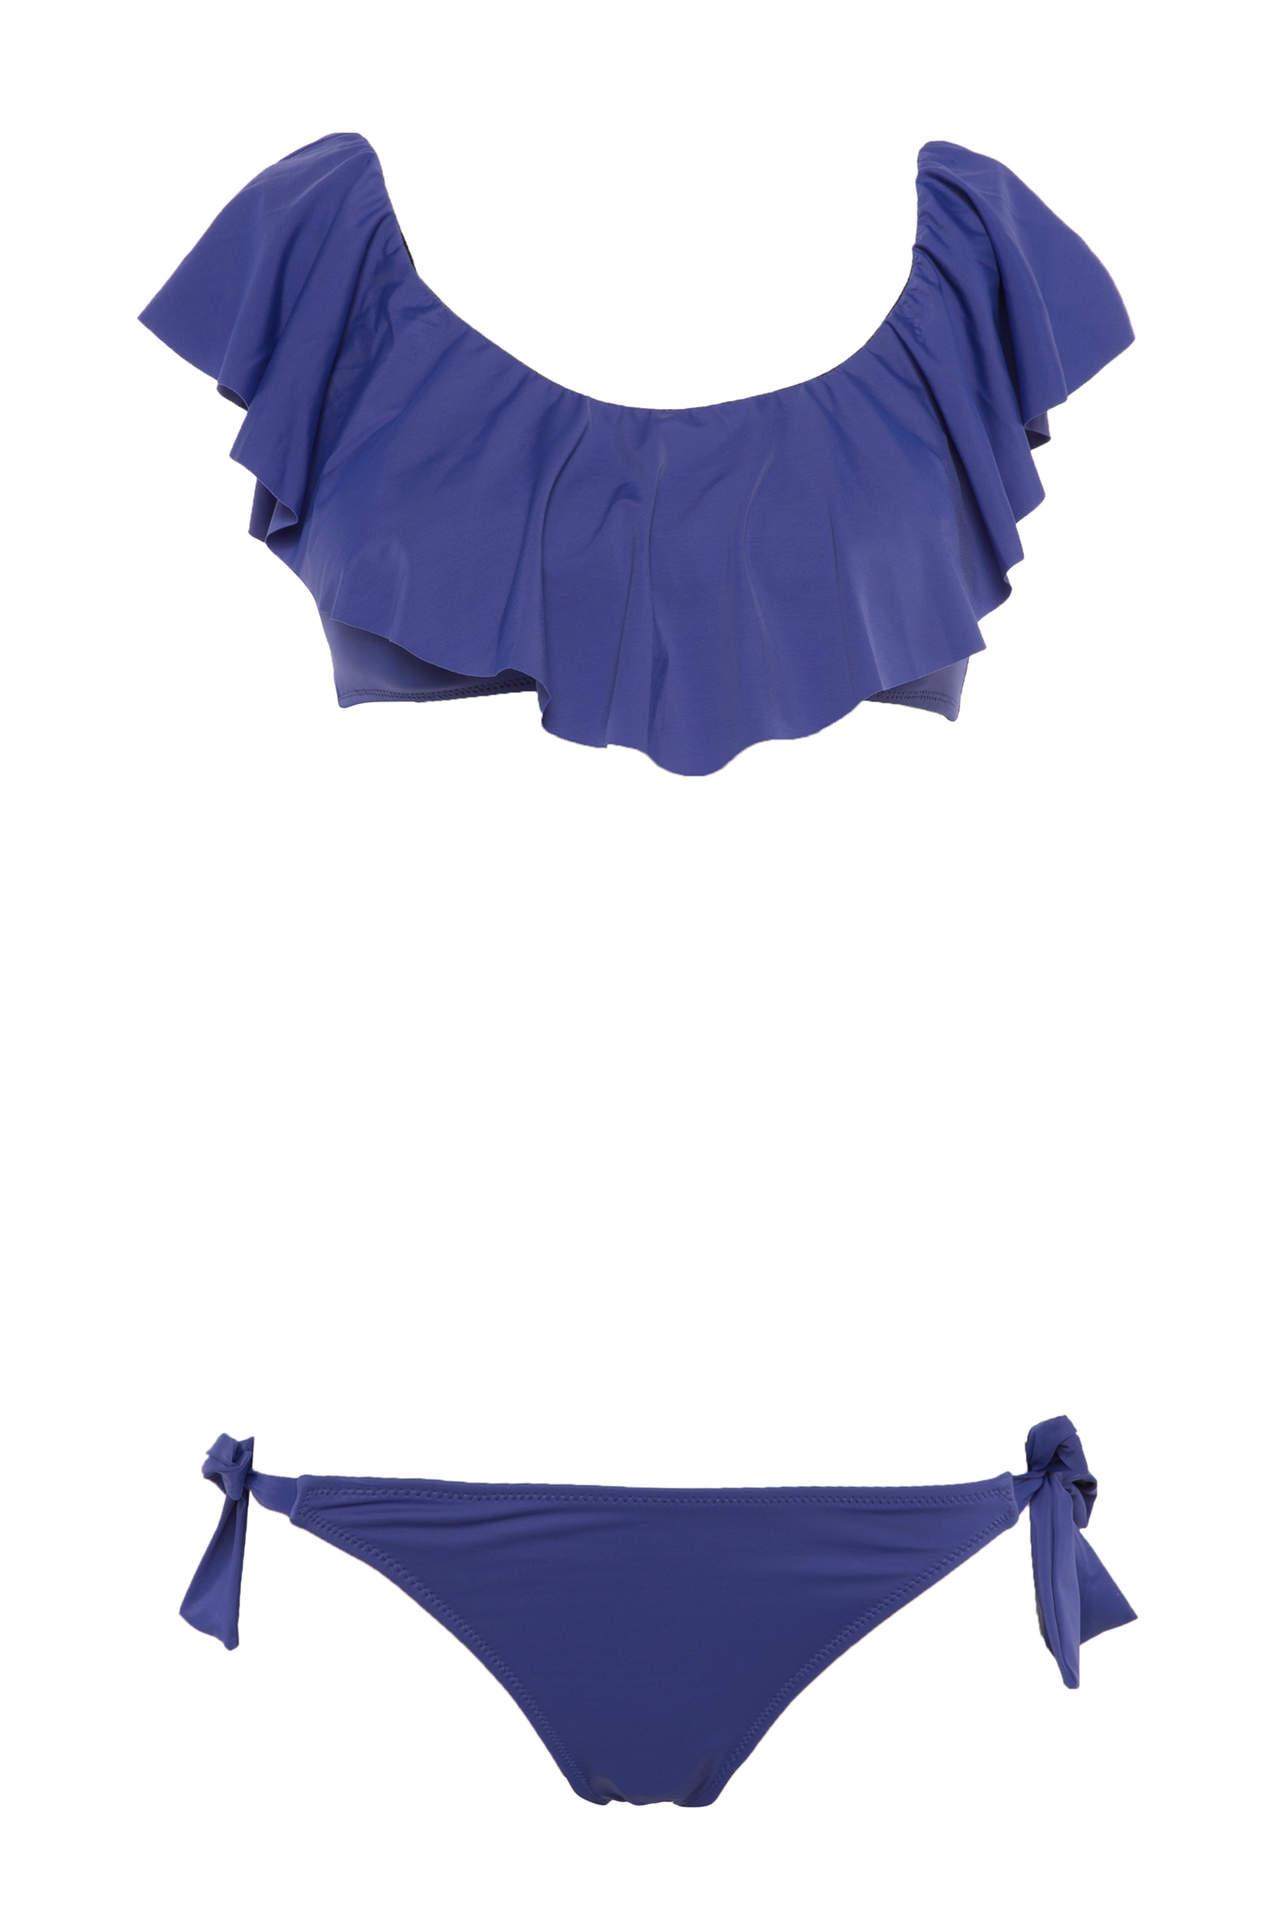 DeFacto Kadın Karmen Yaka Fırfır Detaylı Bikini Takımı Mavi female